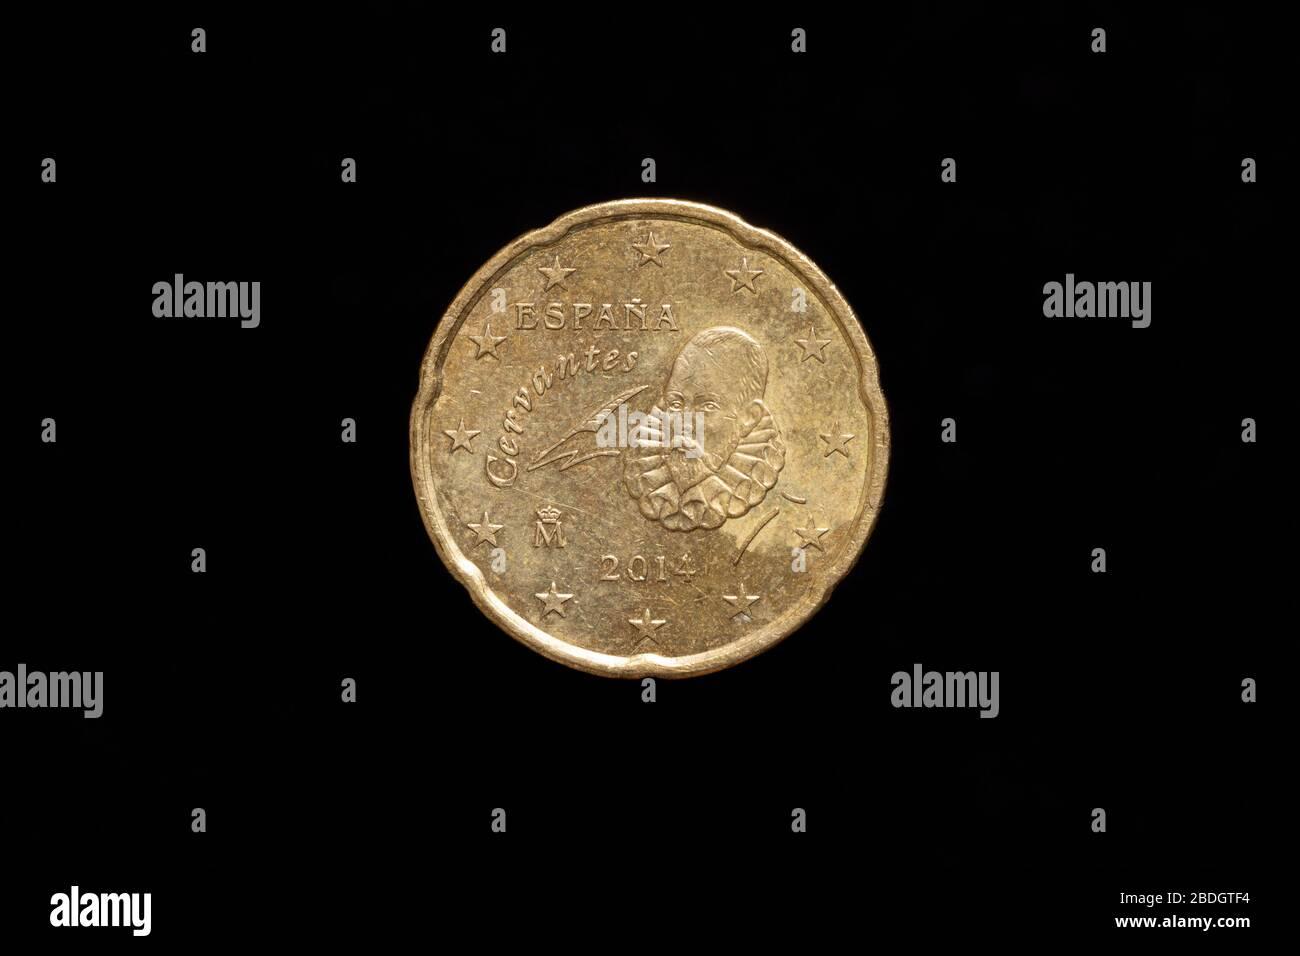 20 Euro Cent Coin Stockfotos und  bilder Kaufen   Alamy